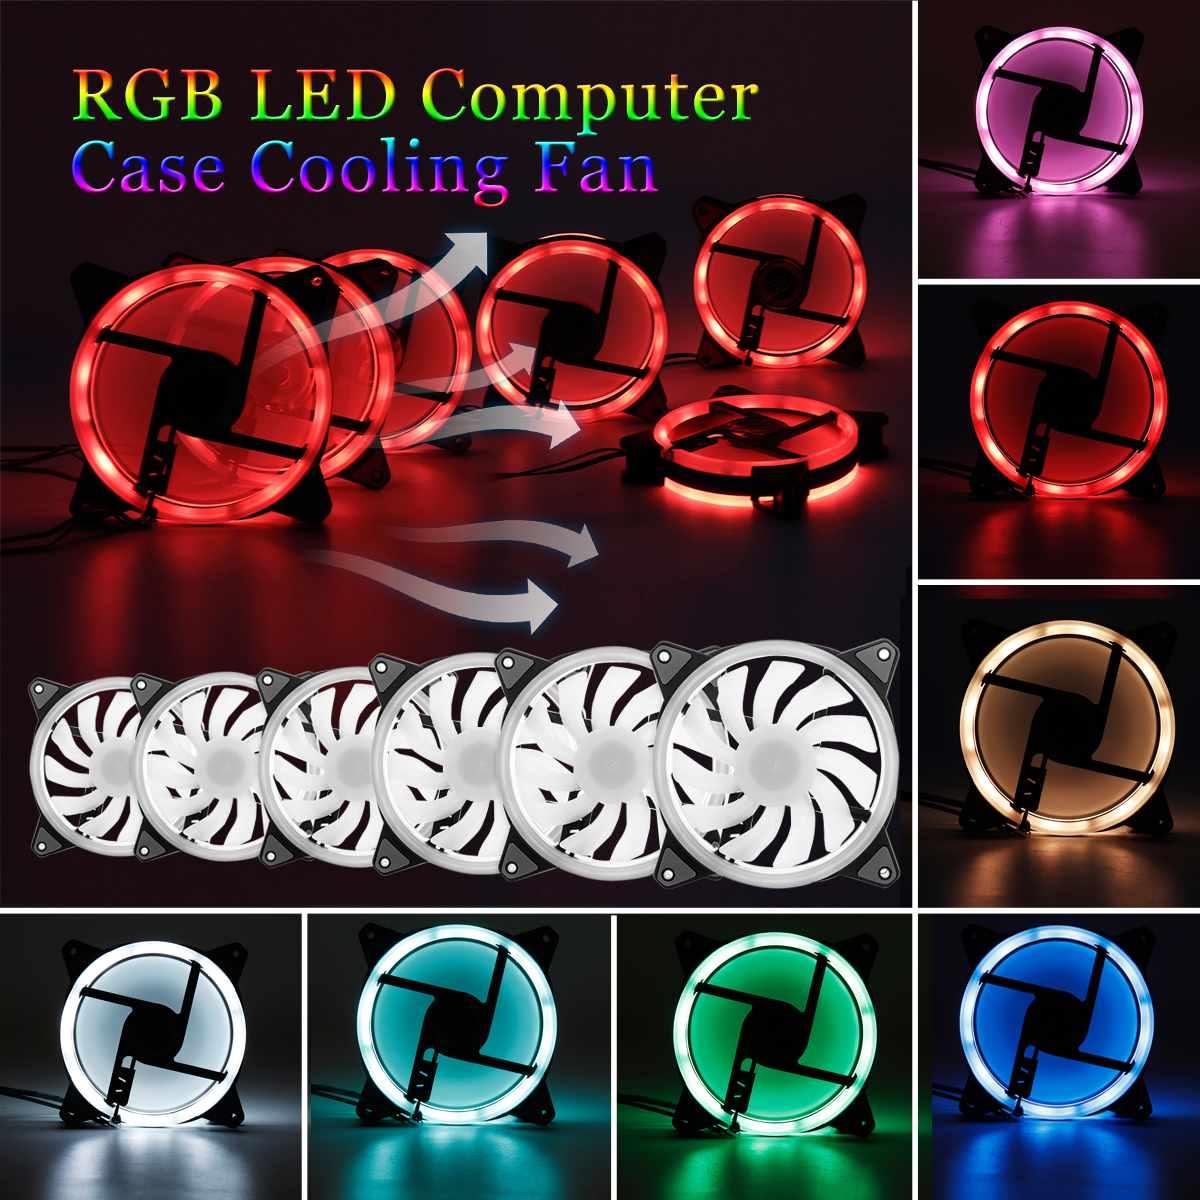 1 pièces/3 pièces/6 pièces 120mm PC ordinateur 16dB silencieux ventilateur de refroidissement ajuster RGB LED coque d'ordinateur IR à distance 12VDC en ABS pour CPU